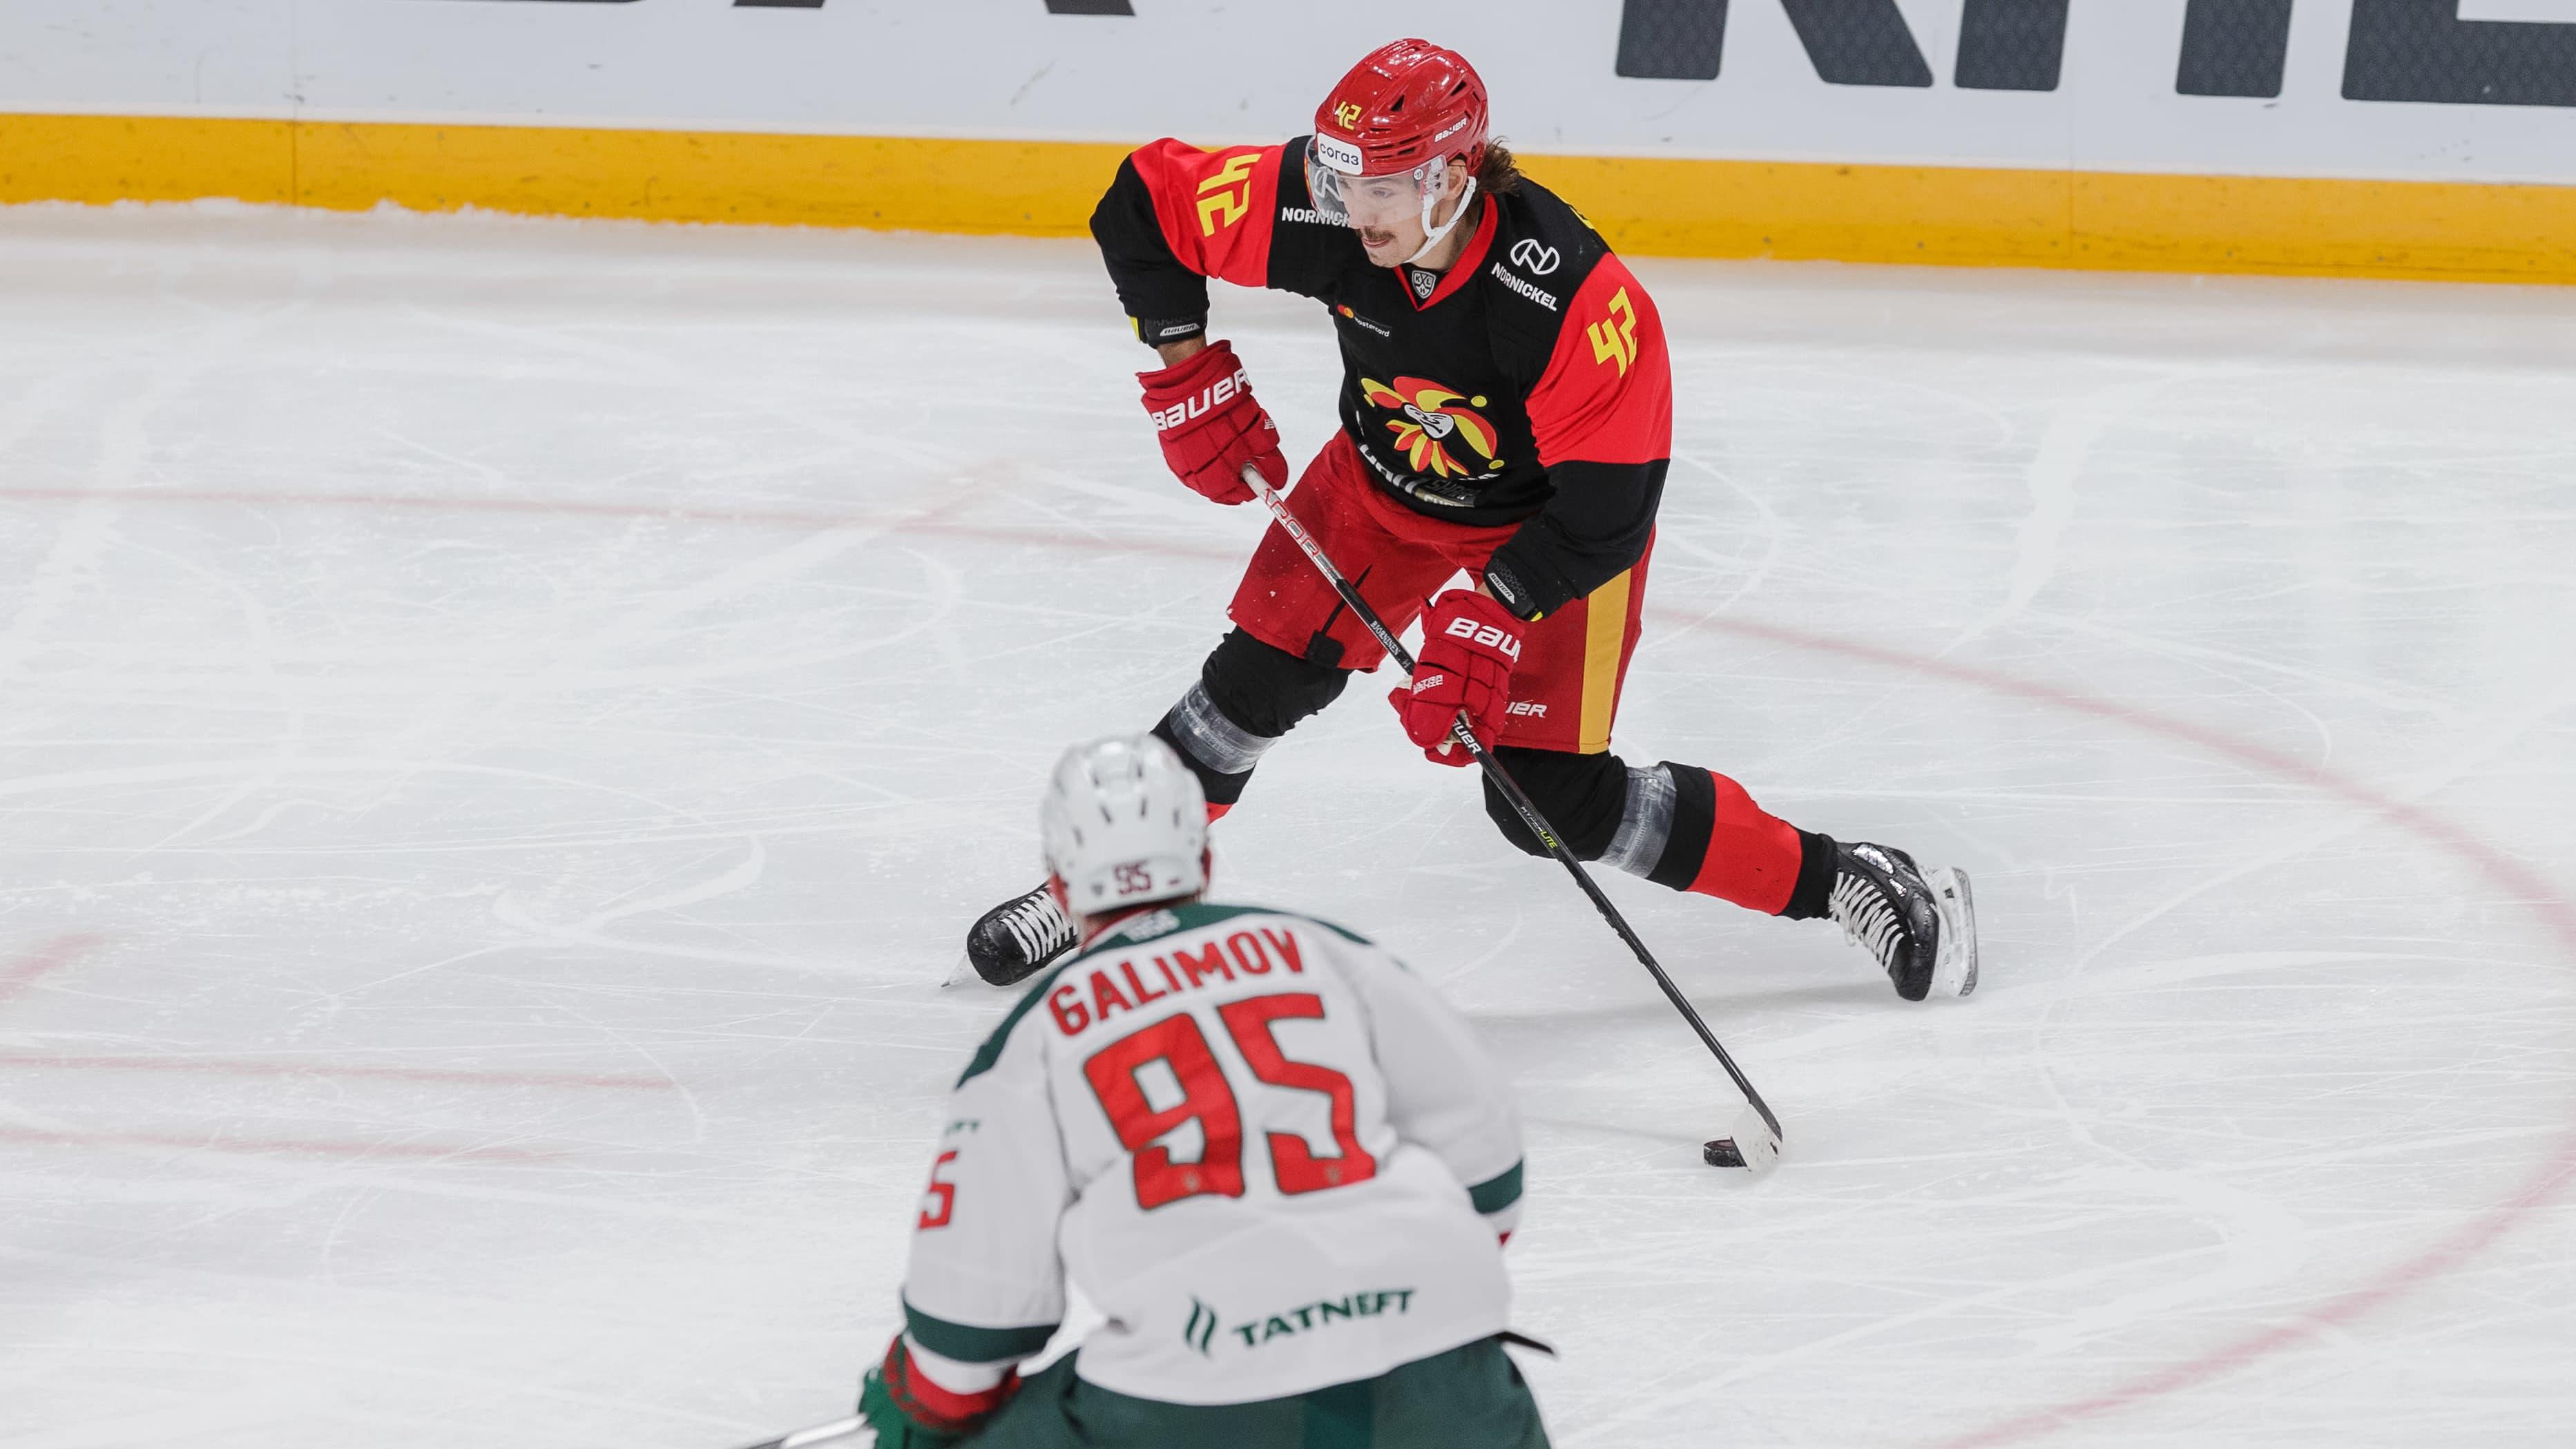 Jokerit vastaan AK Bars Kazan. Kuvassa:laukoo Hannes Björninen.